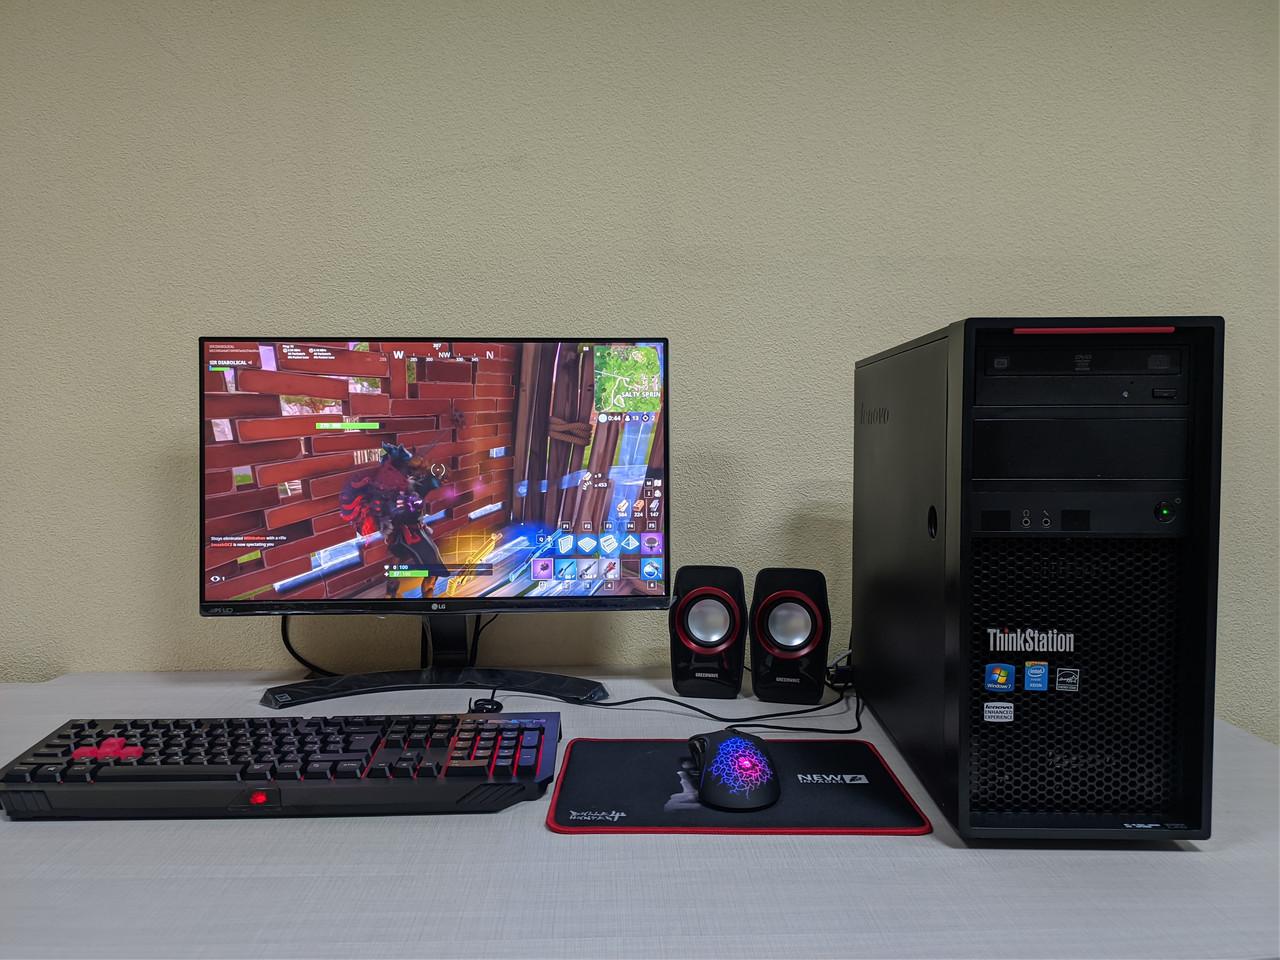 Игровой компьютер PUBG, Fortnite! Core i5-4570/16Gb/SSD120Gb+HDD 1Tb/GTX1070